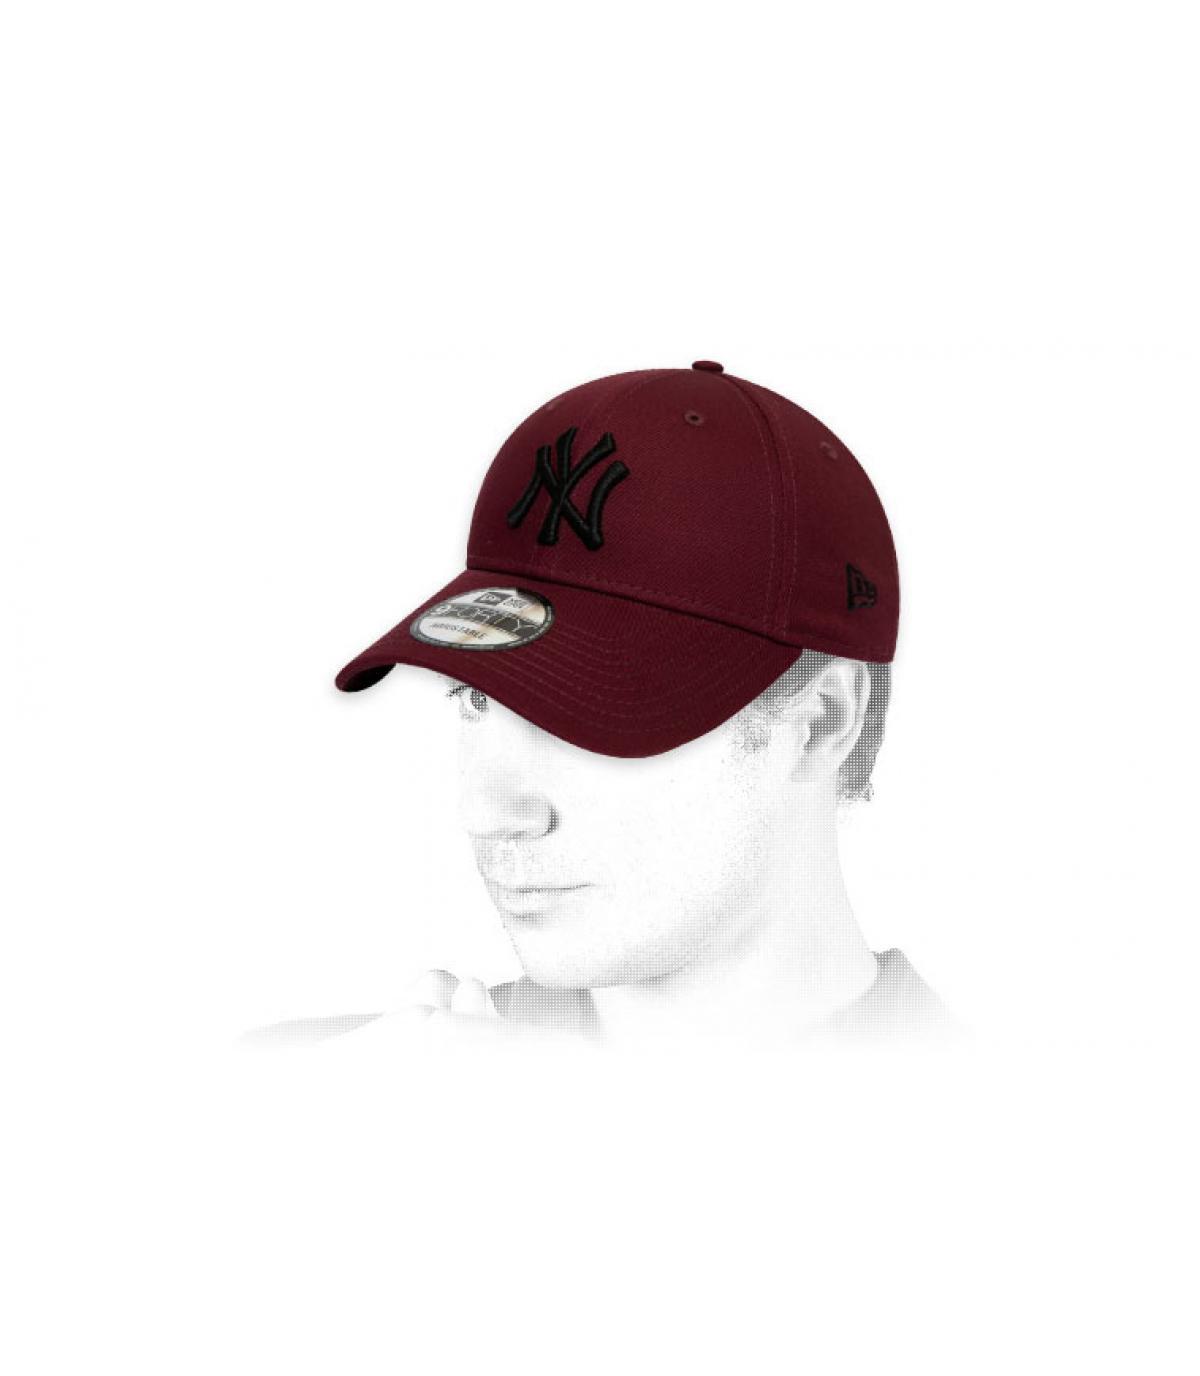 cappellino NY bordeaux nero